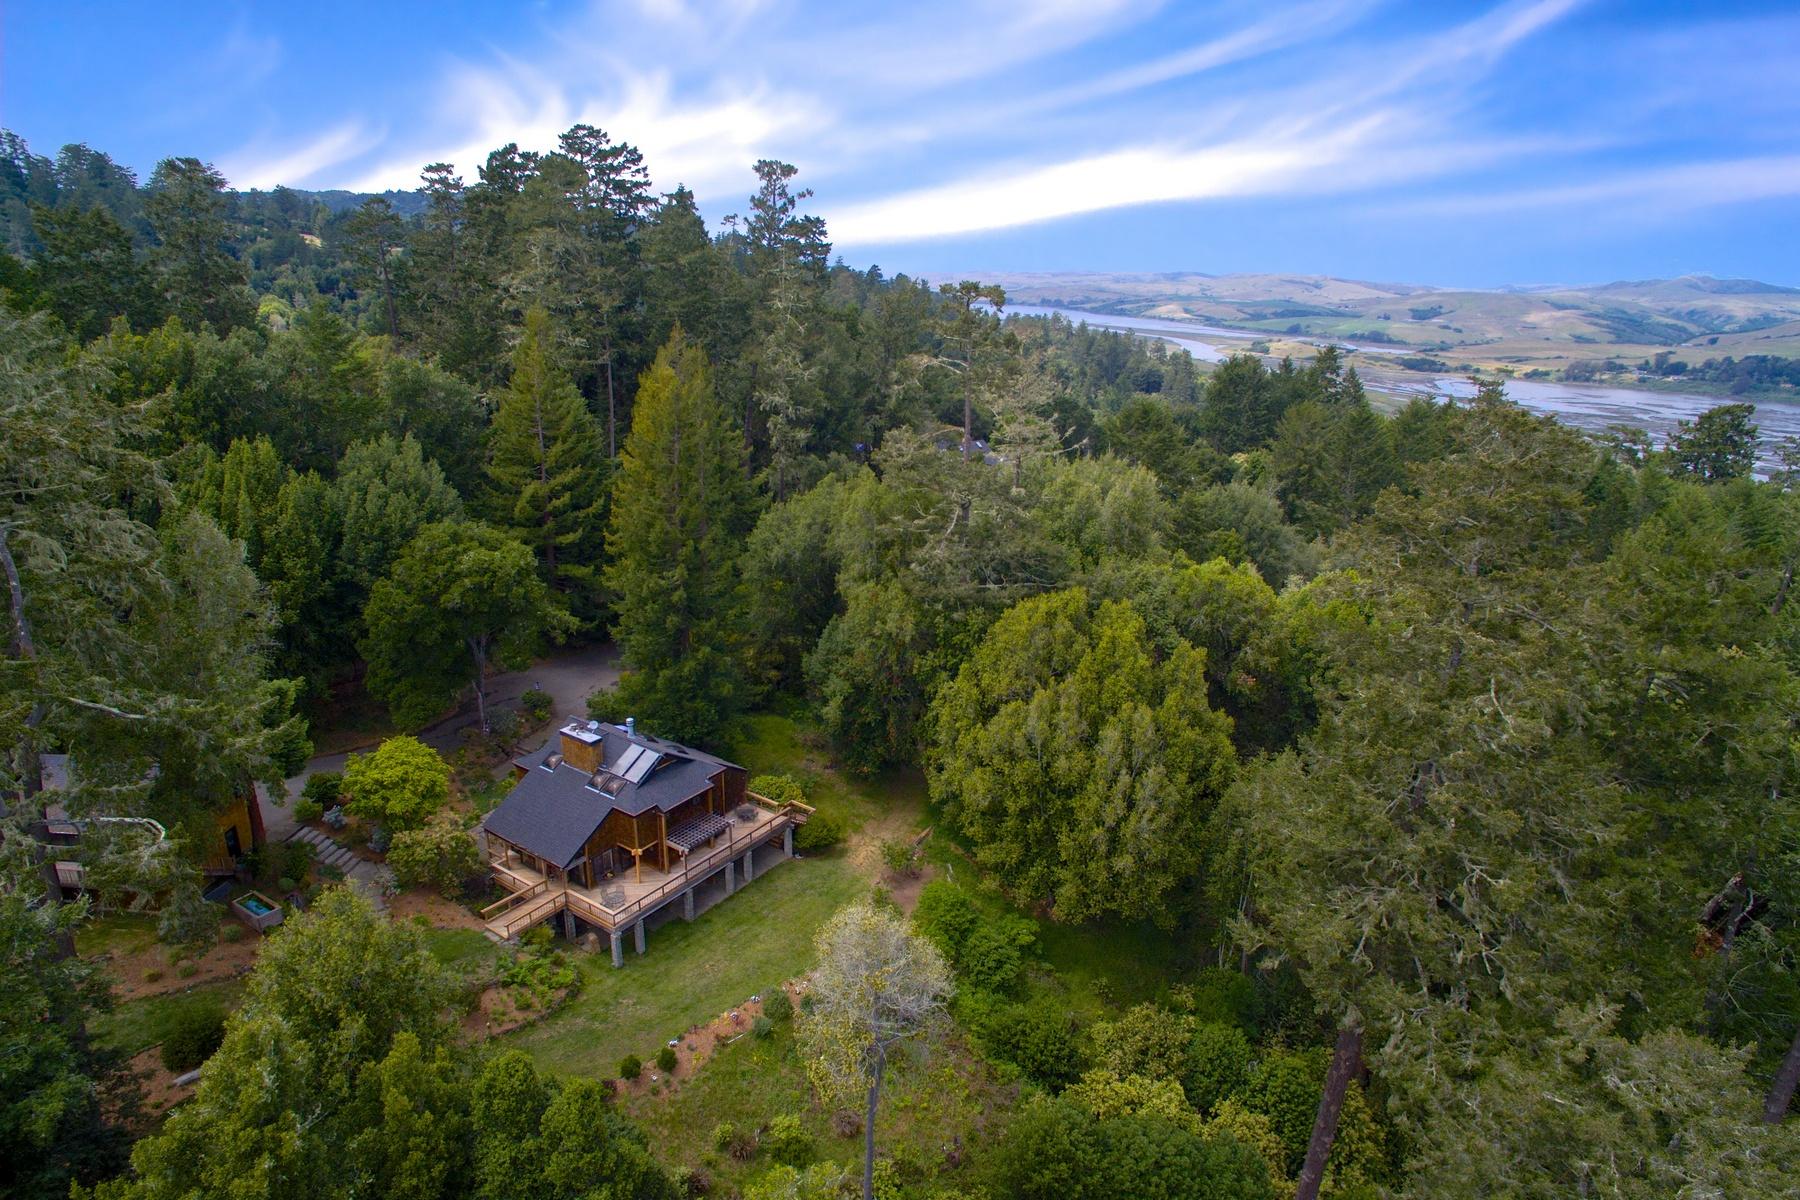 一戸建て のために 売買 アット Sweeping Views, Park-Like Setting 145 Silver Hills Road Point Reyes Station, カリフォルニア 94956 アメリカ合衆国